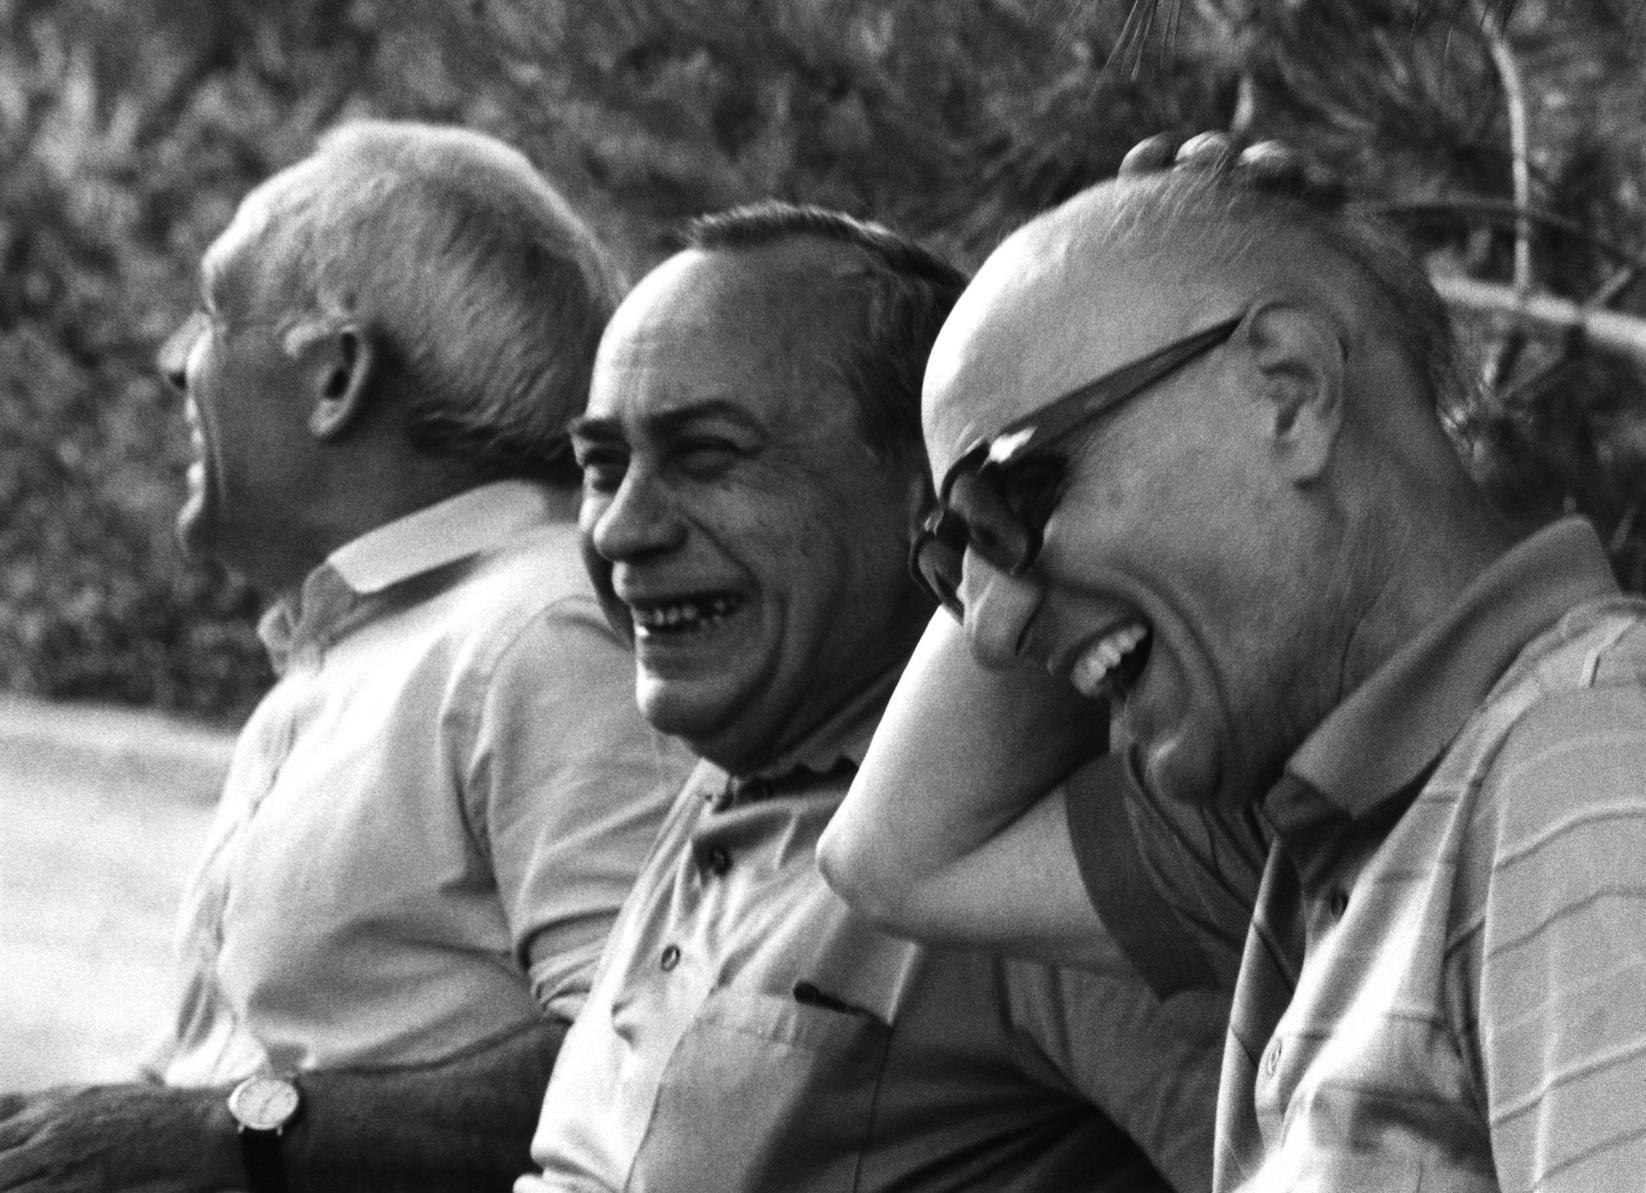 https://www.ragusanews.com//immagini_articoli/30-10-2015/1446224293-1-giuseppe-leone-storia-di-un-amicizia.jpg